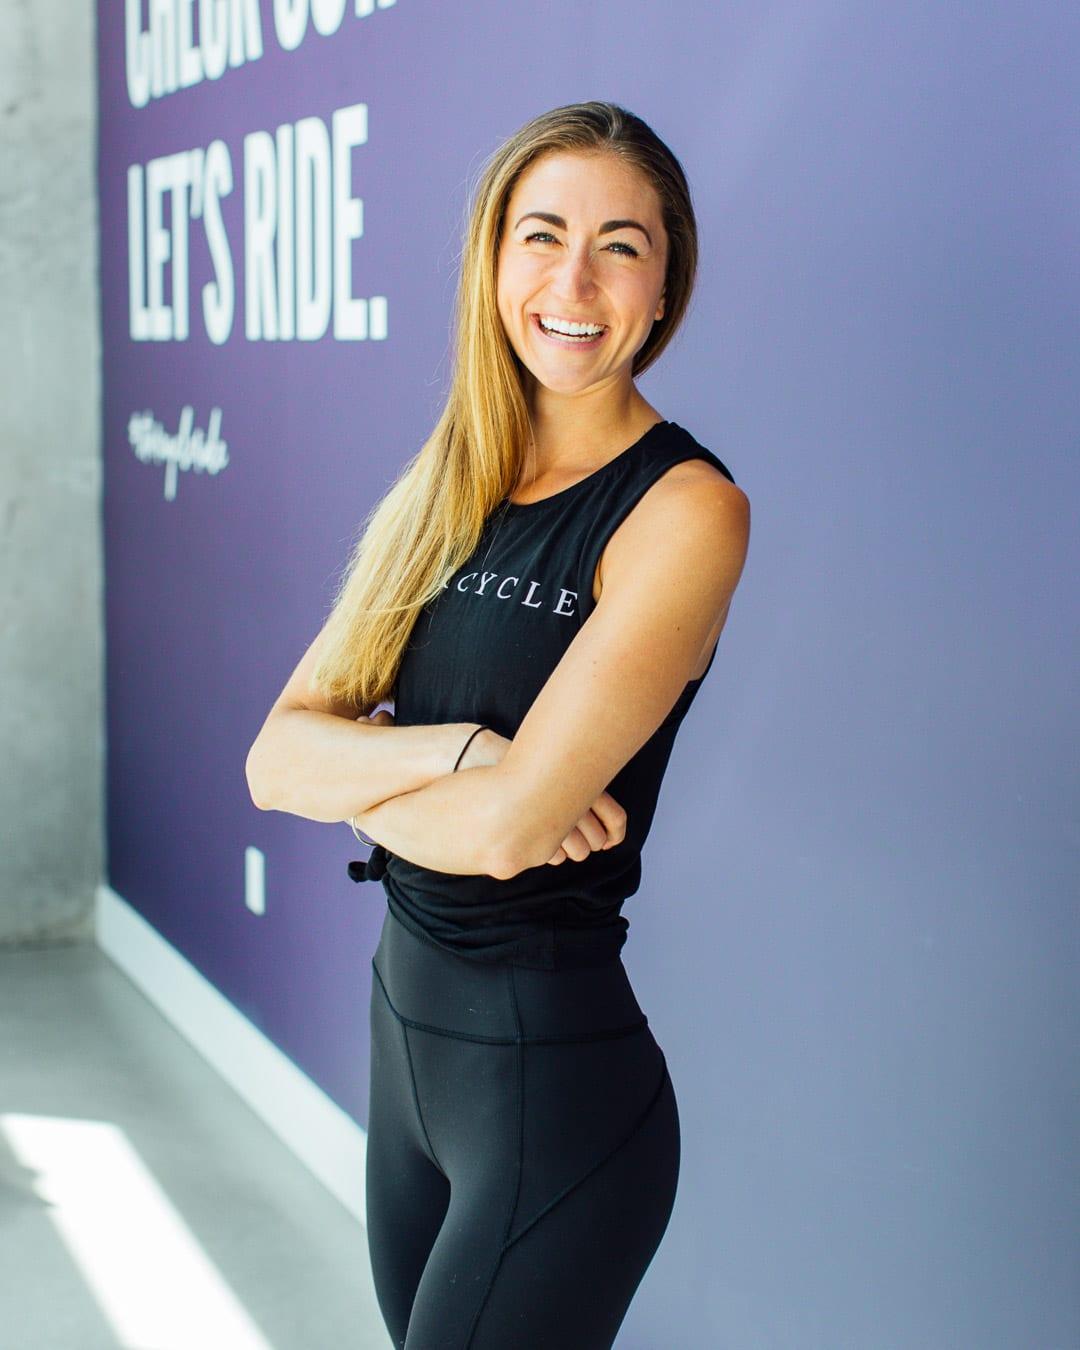 fitness social media photography